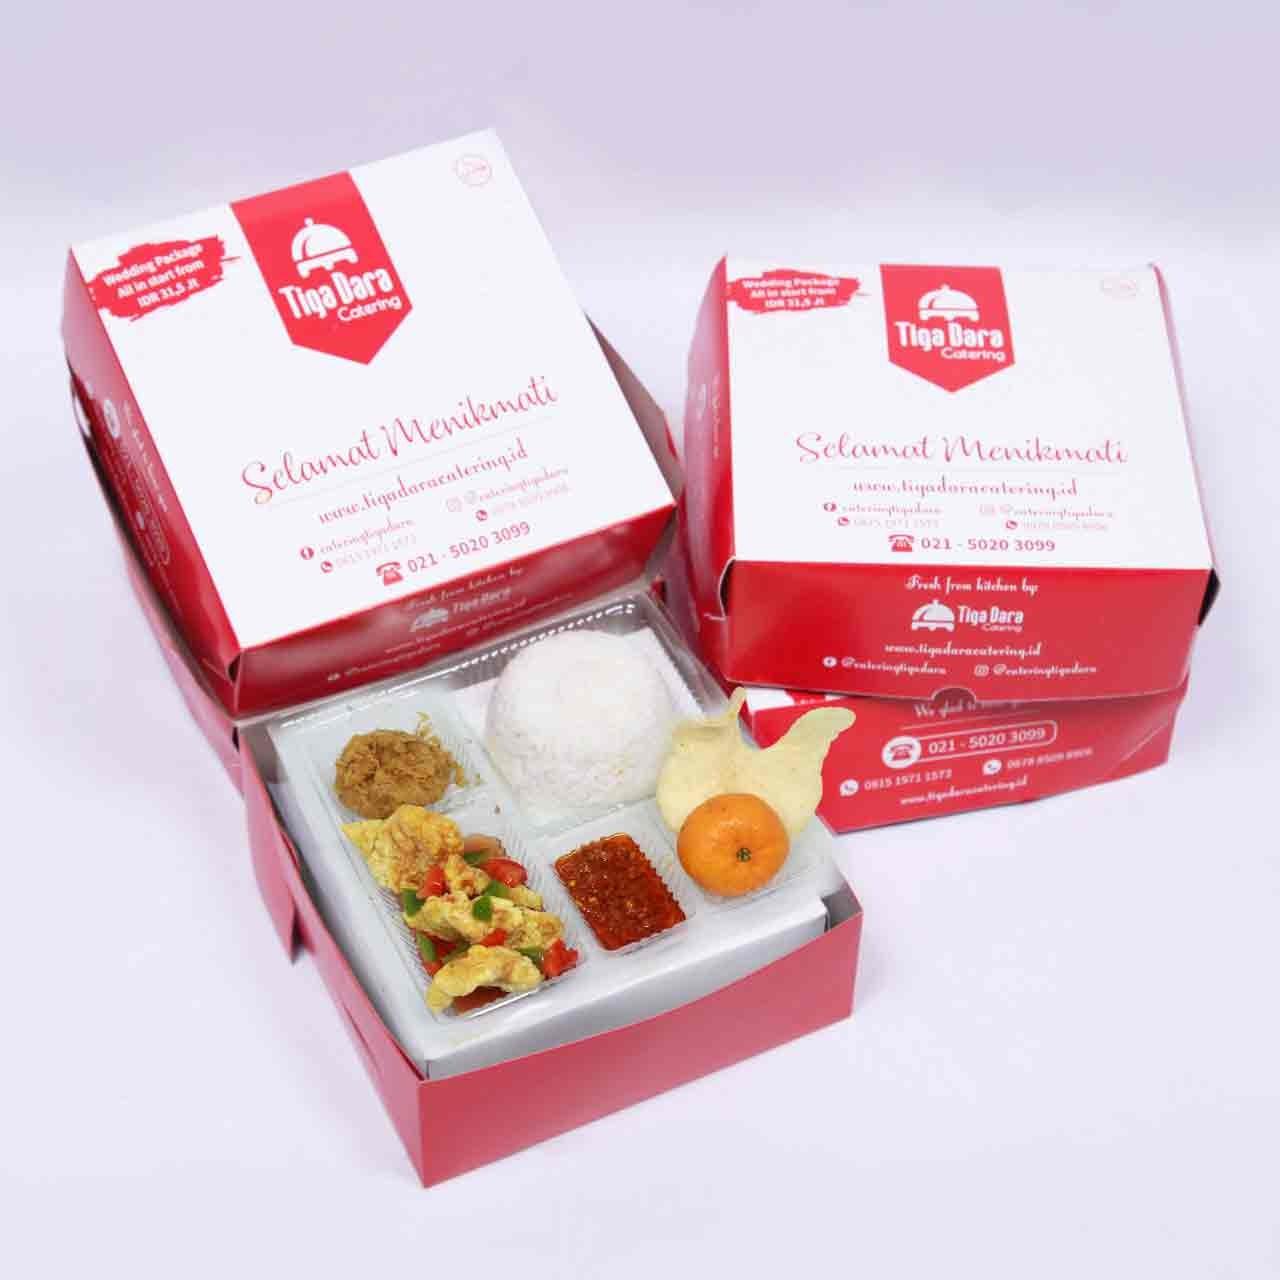 tiga_dara_*Nasi Box Enak & Murah_First Class | Paket 11